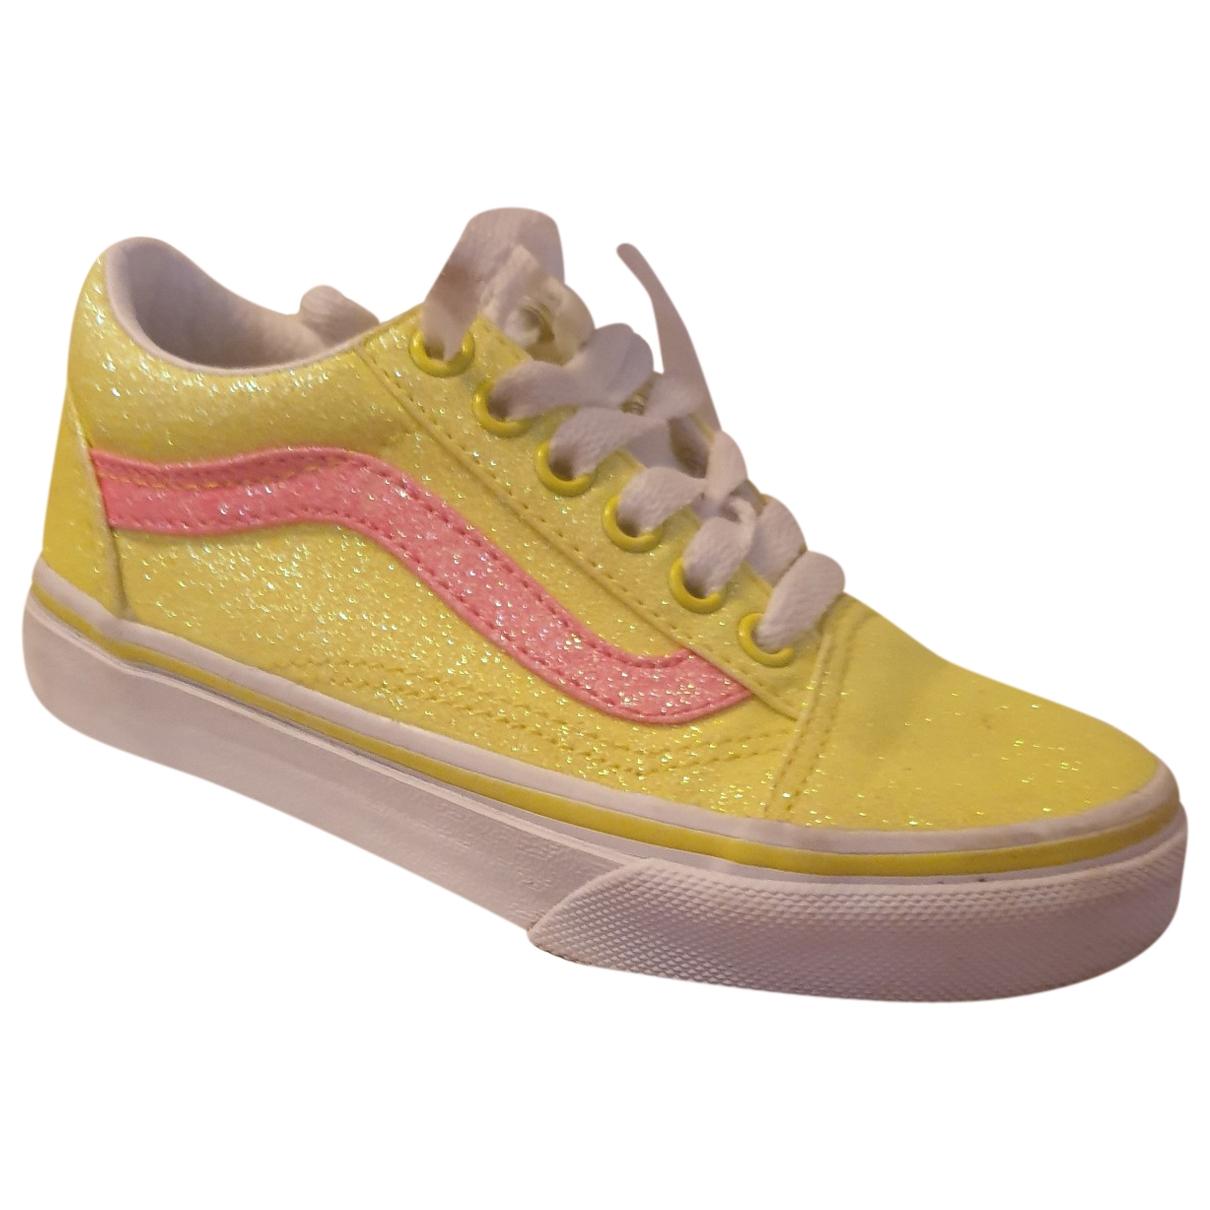 Vans - Baskets   pour enfant en a paillettes - jaune